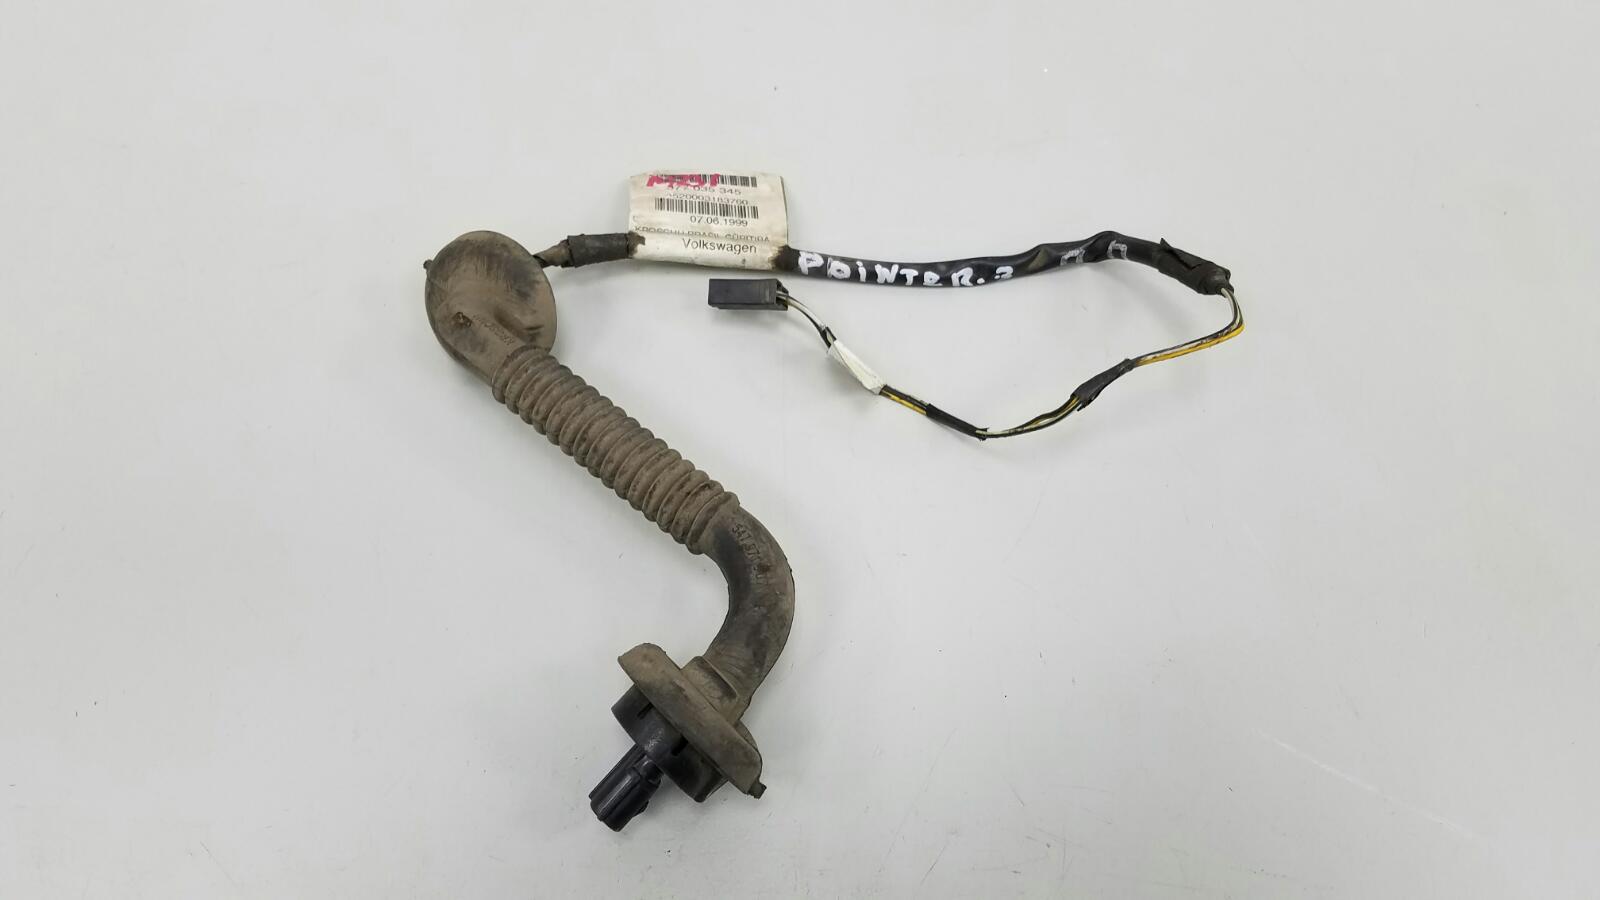 Проводка шлейф коса двери Volkswagen Pointer 3 5X1 BJR 1Л 2005 передняя правая